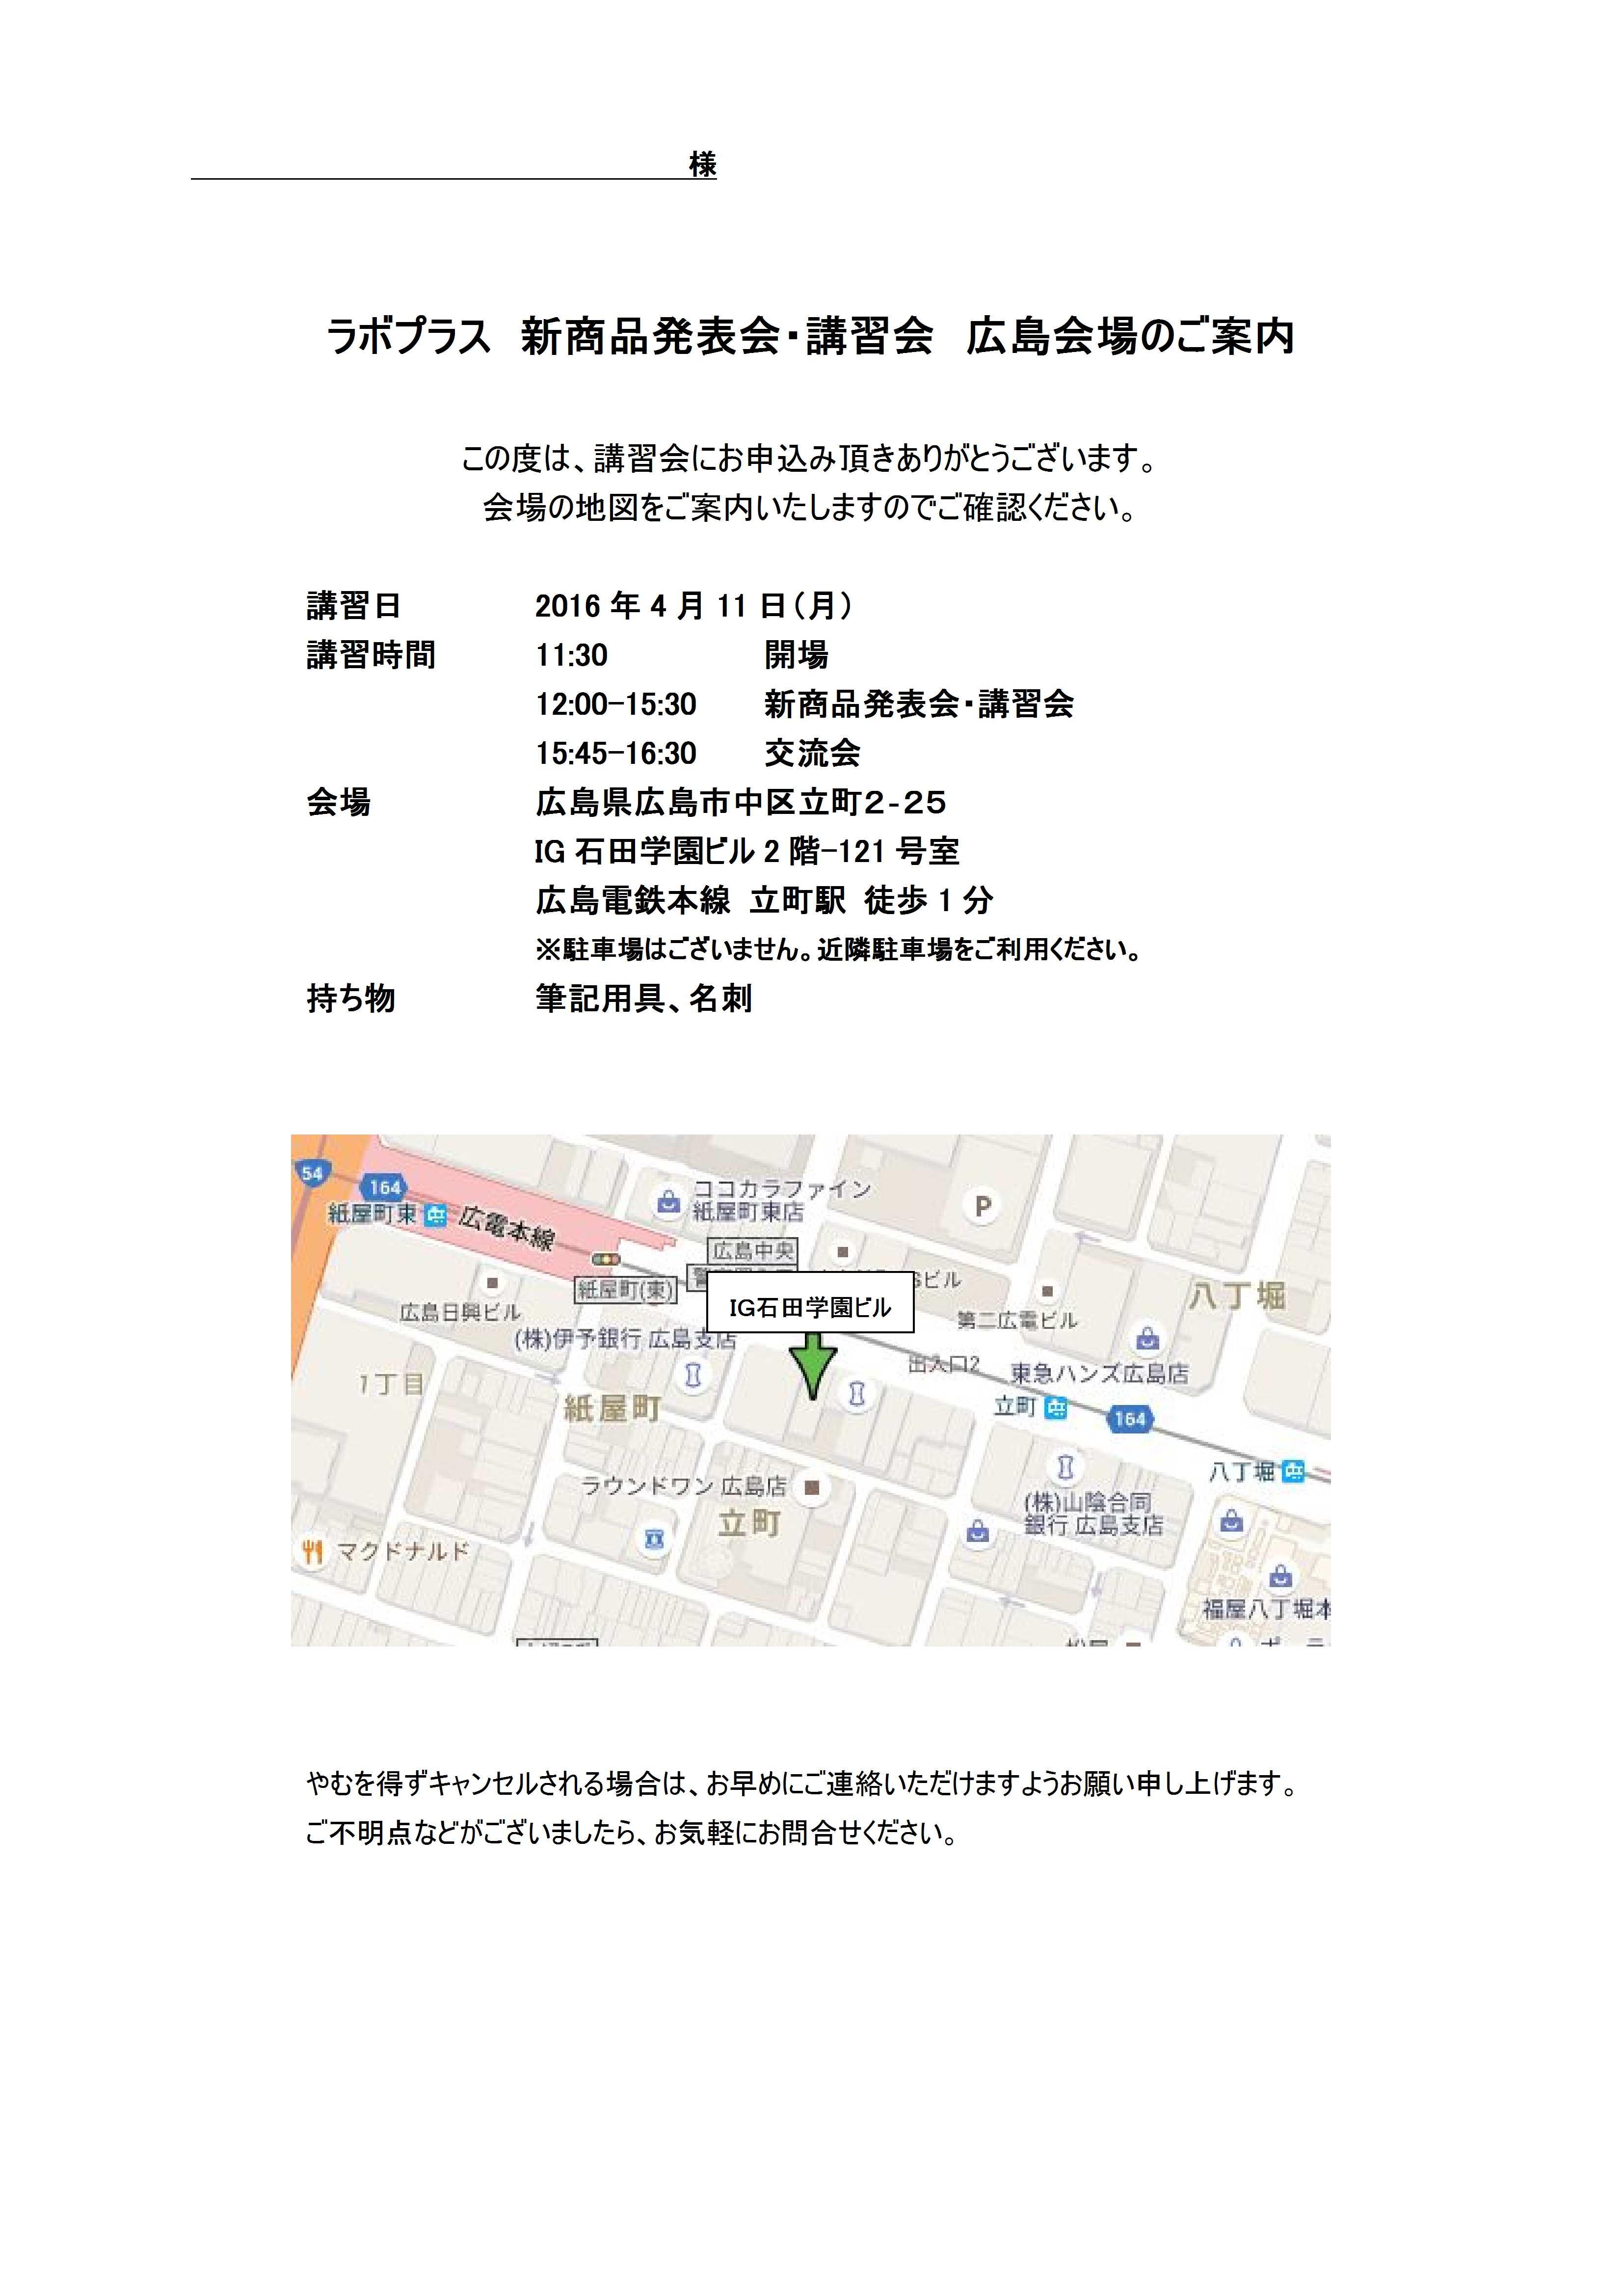 弾筋フェイシャルストレッチ IG石田学園ビルマップ